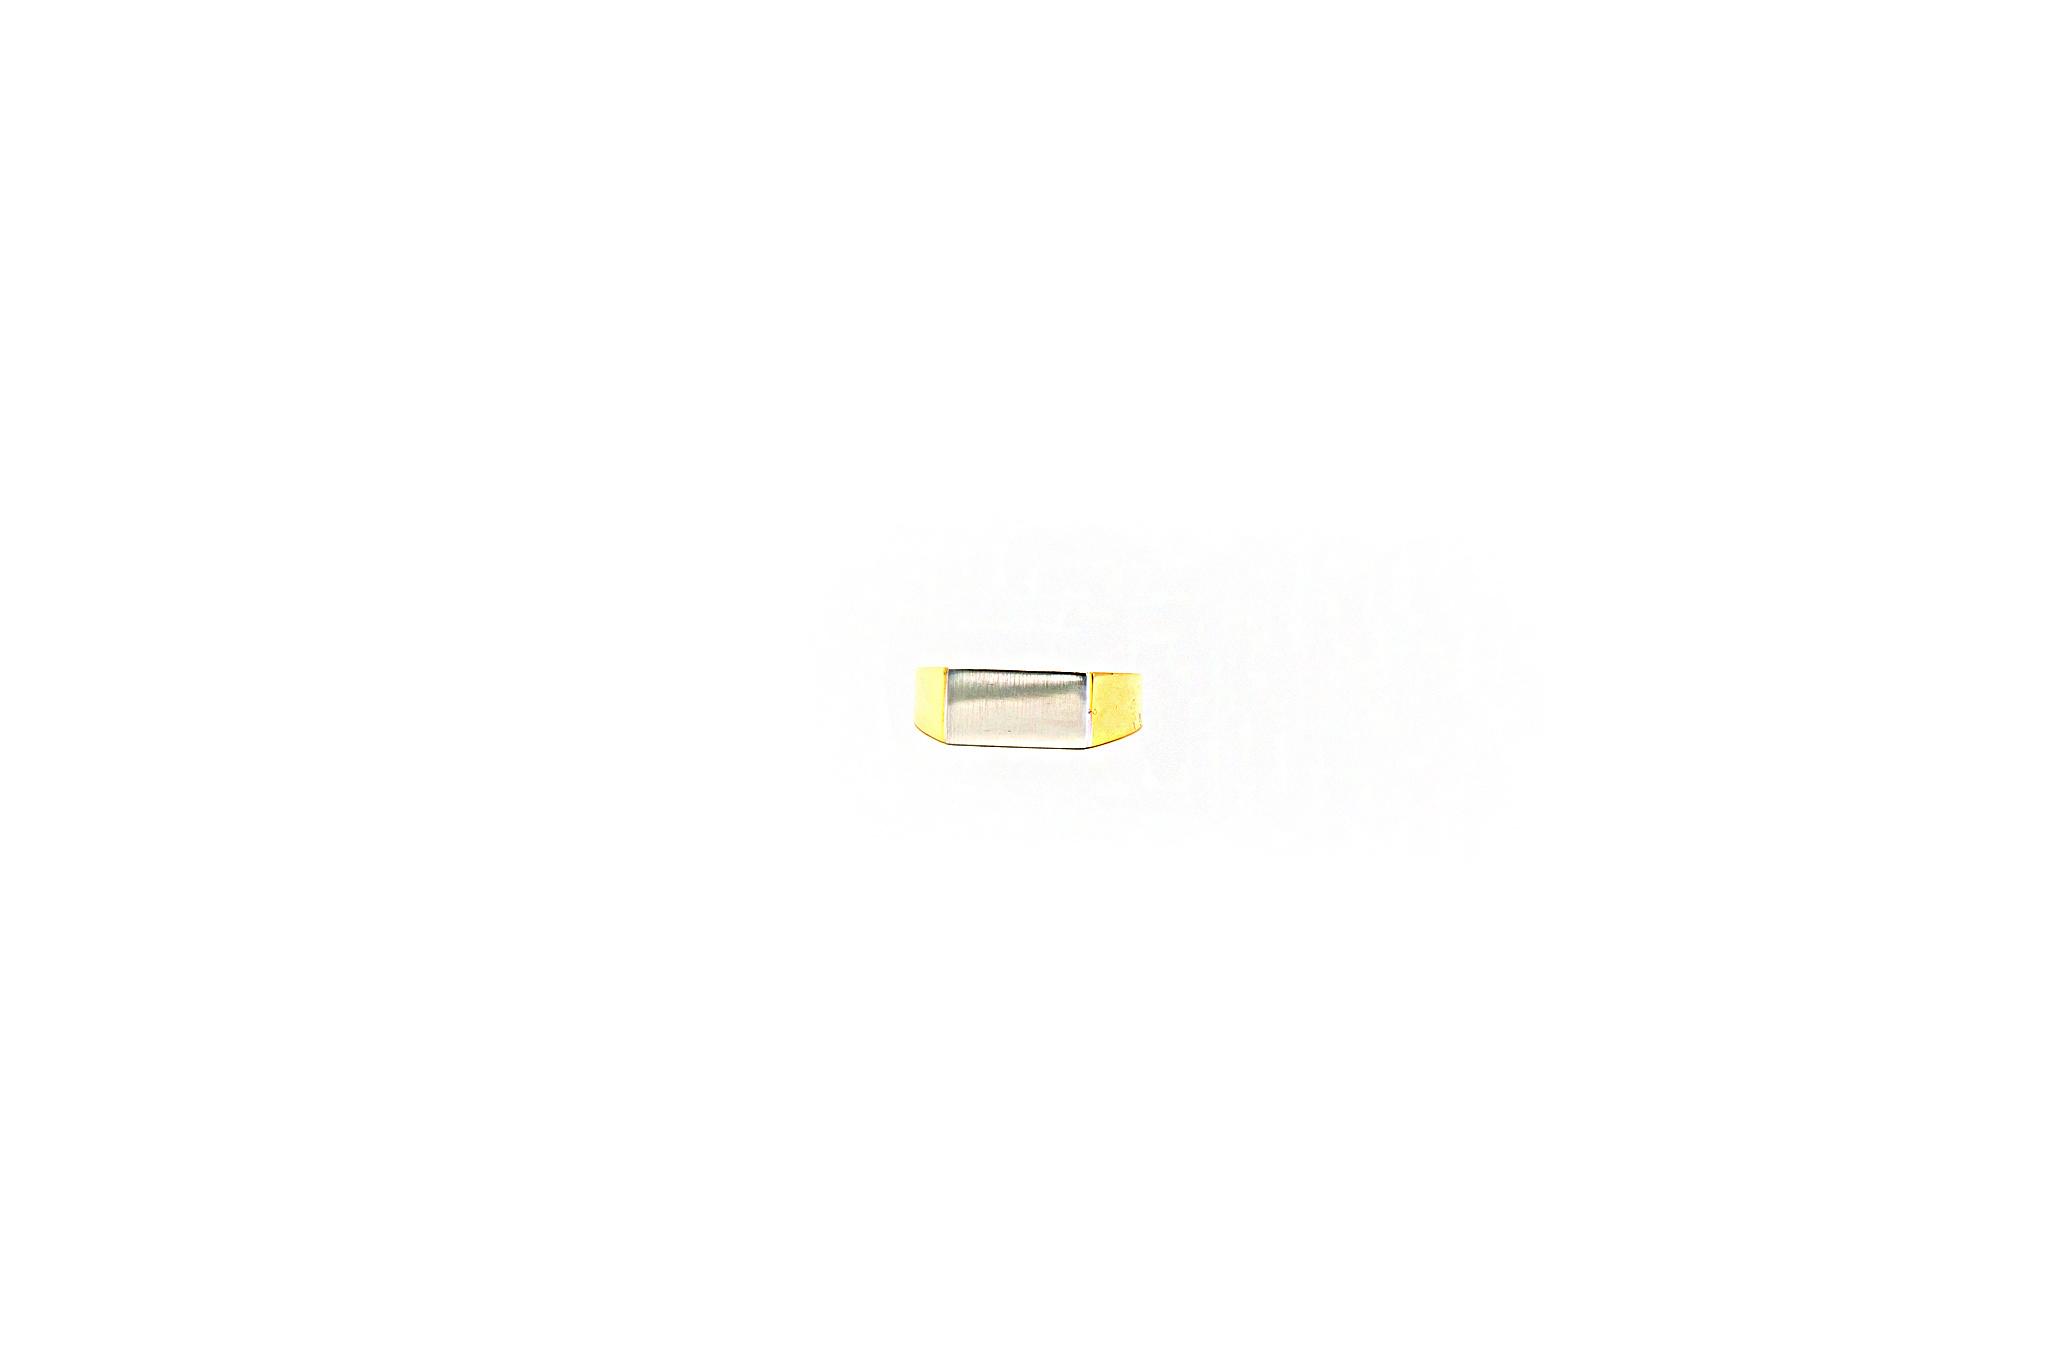 Ring zegel glanzend bicolor-1